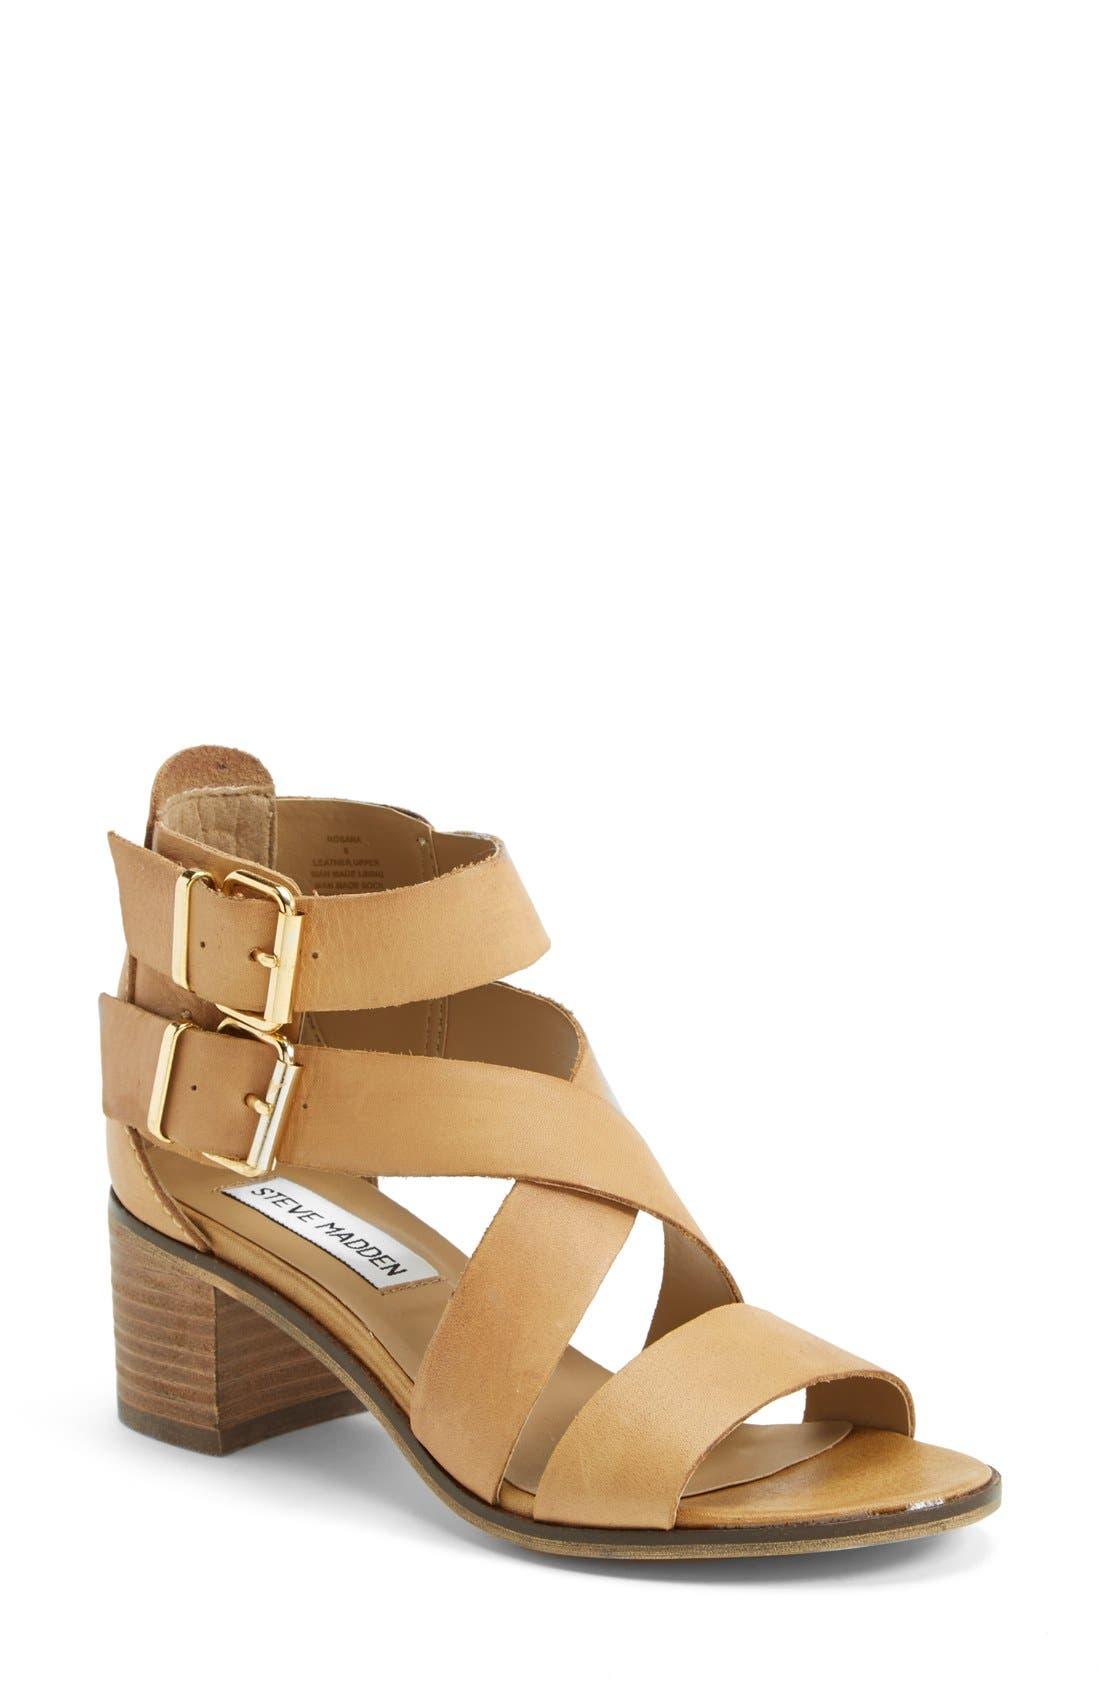 Alternate Image 1 Selected - Steve Madden 'Rosana' Double Ankle Strap Leather Sandal (Women)